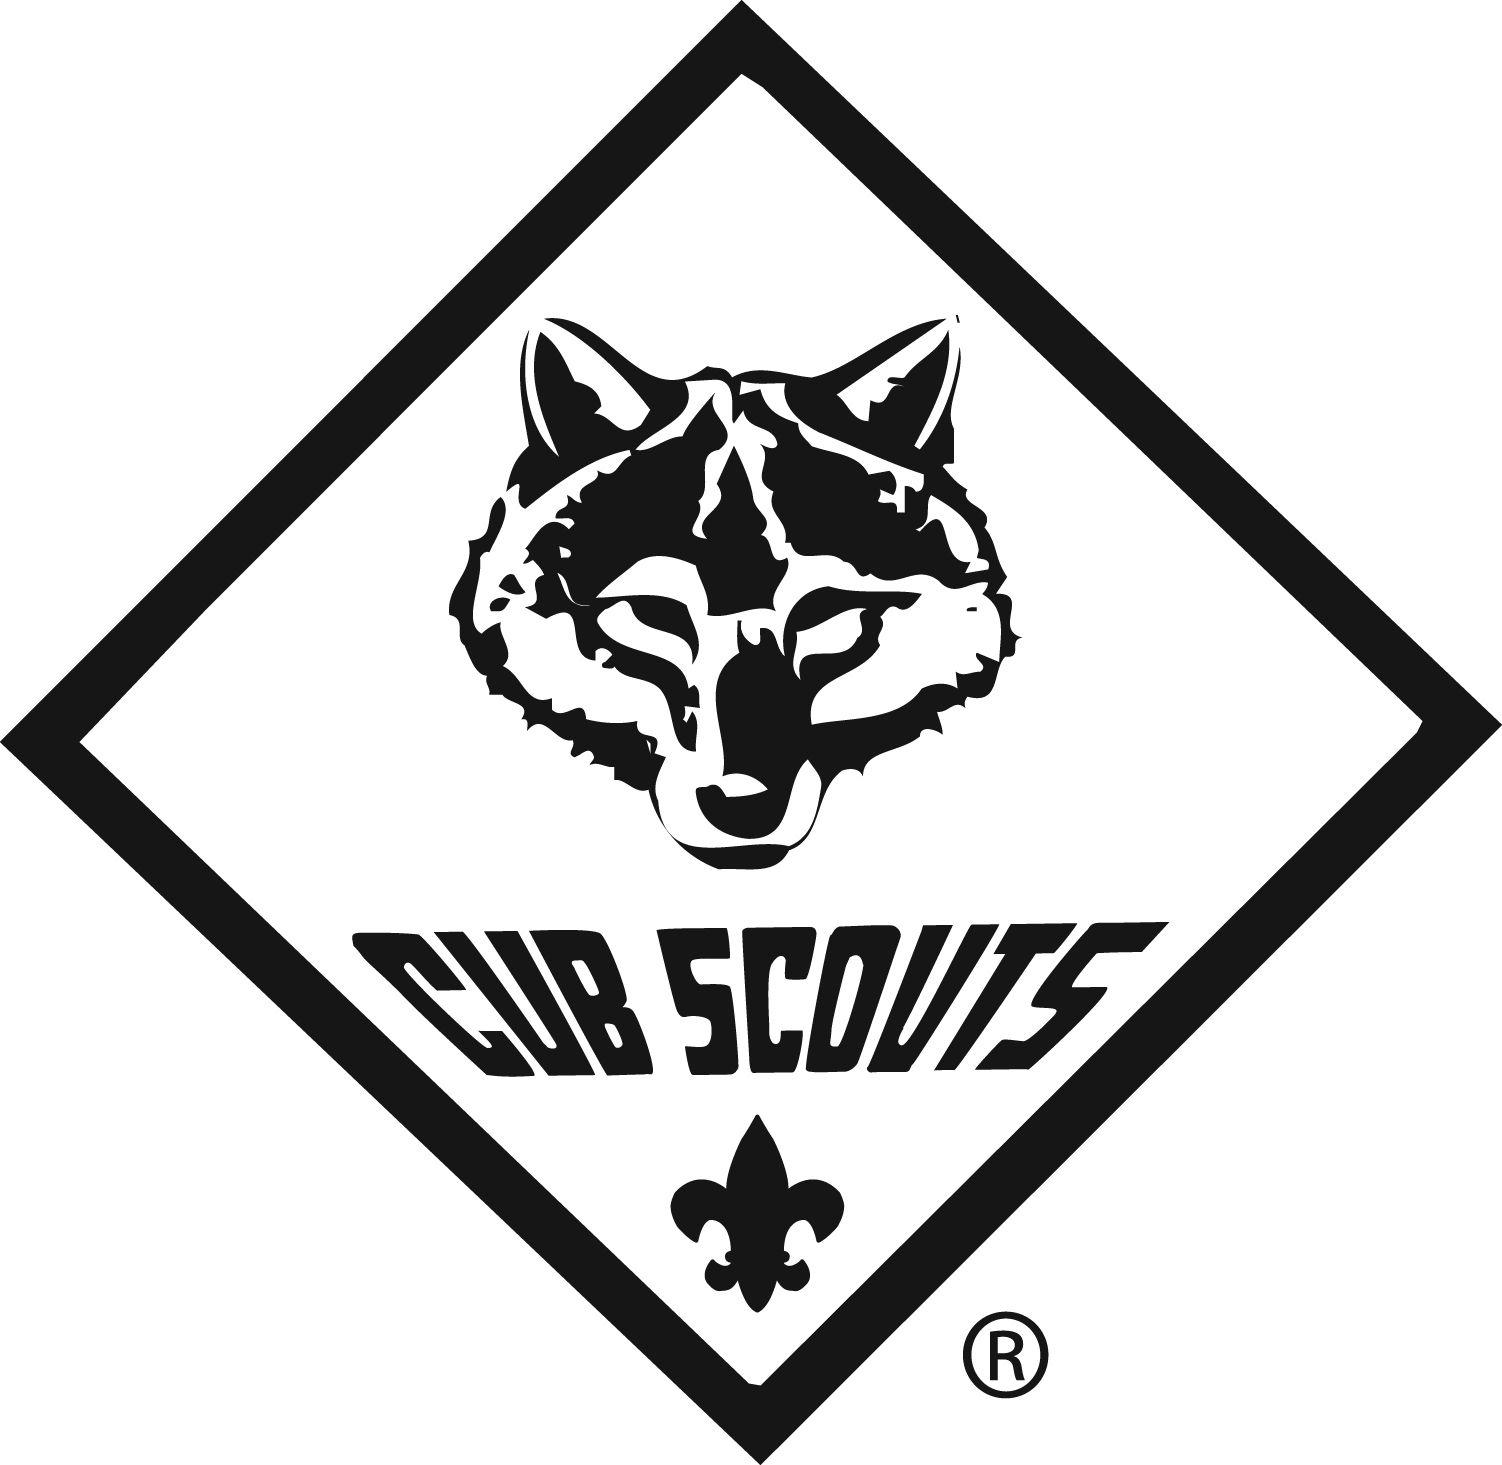 cub scout logos rh logolynx com cub scout vector graphics Cub Scout Logo Clip Art